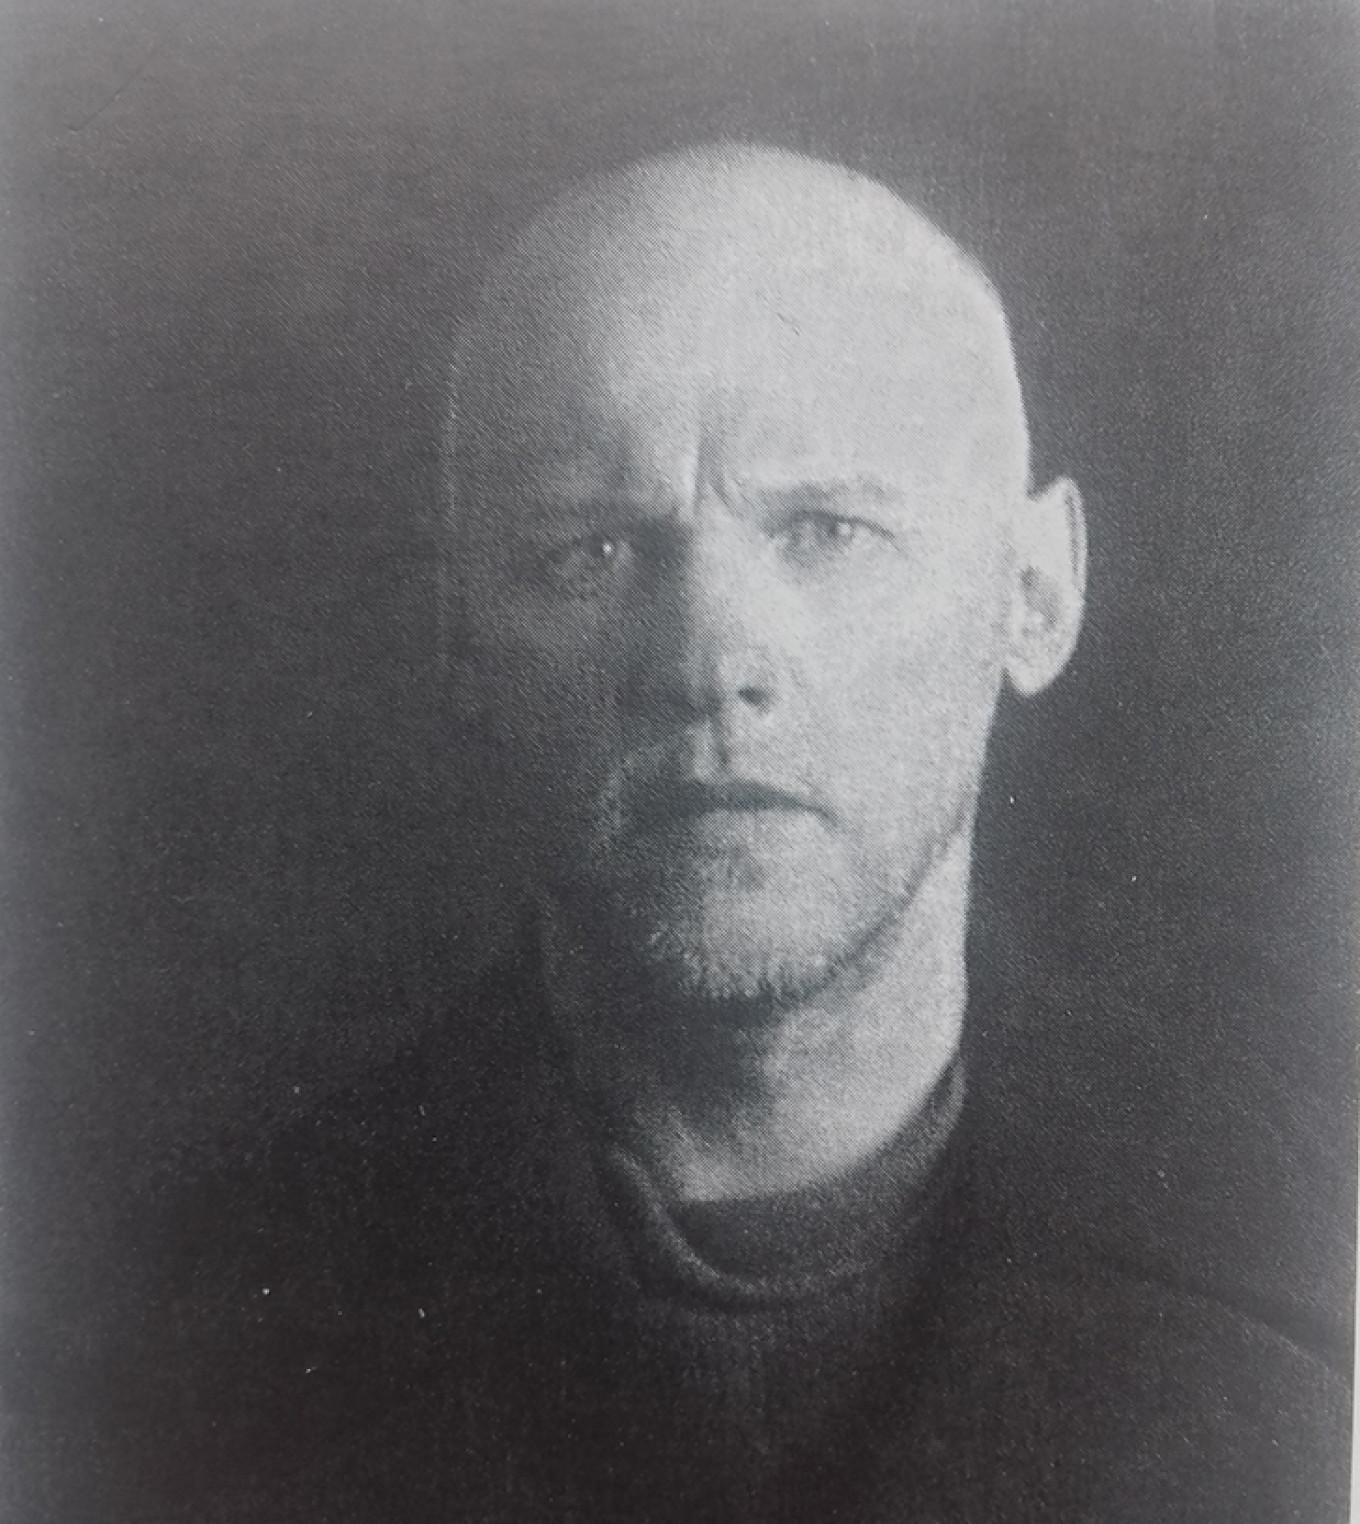 Alexander Drevin after his arrest.